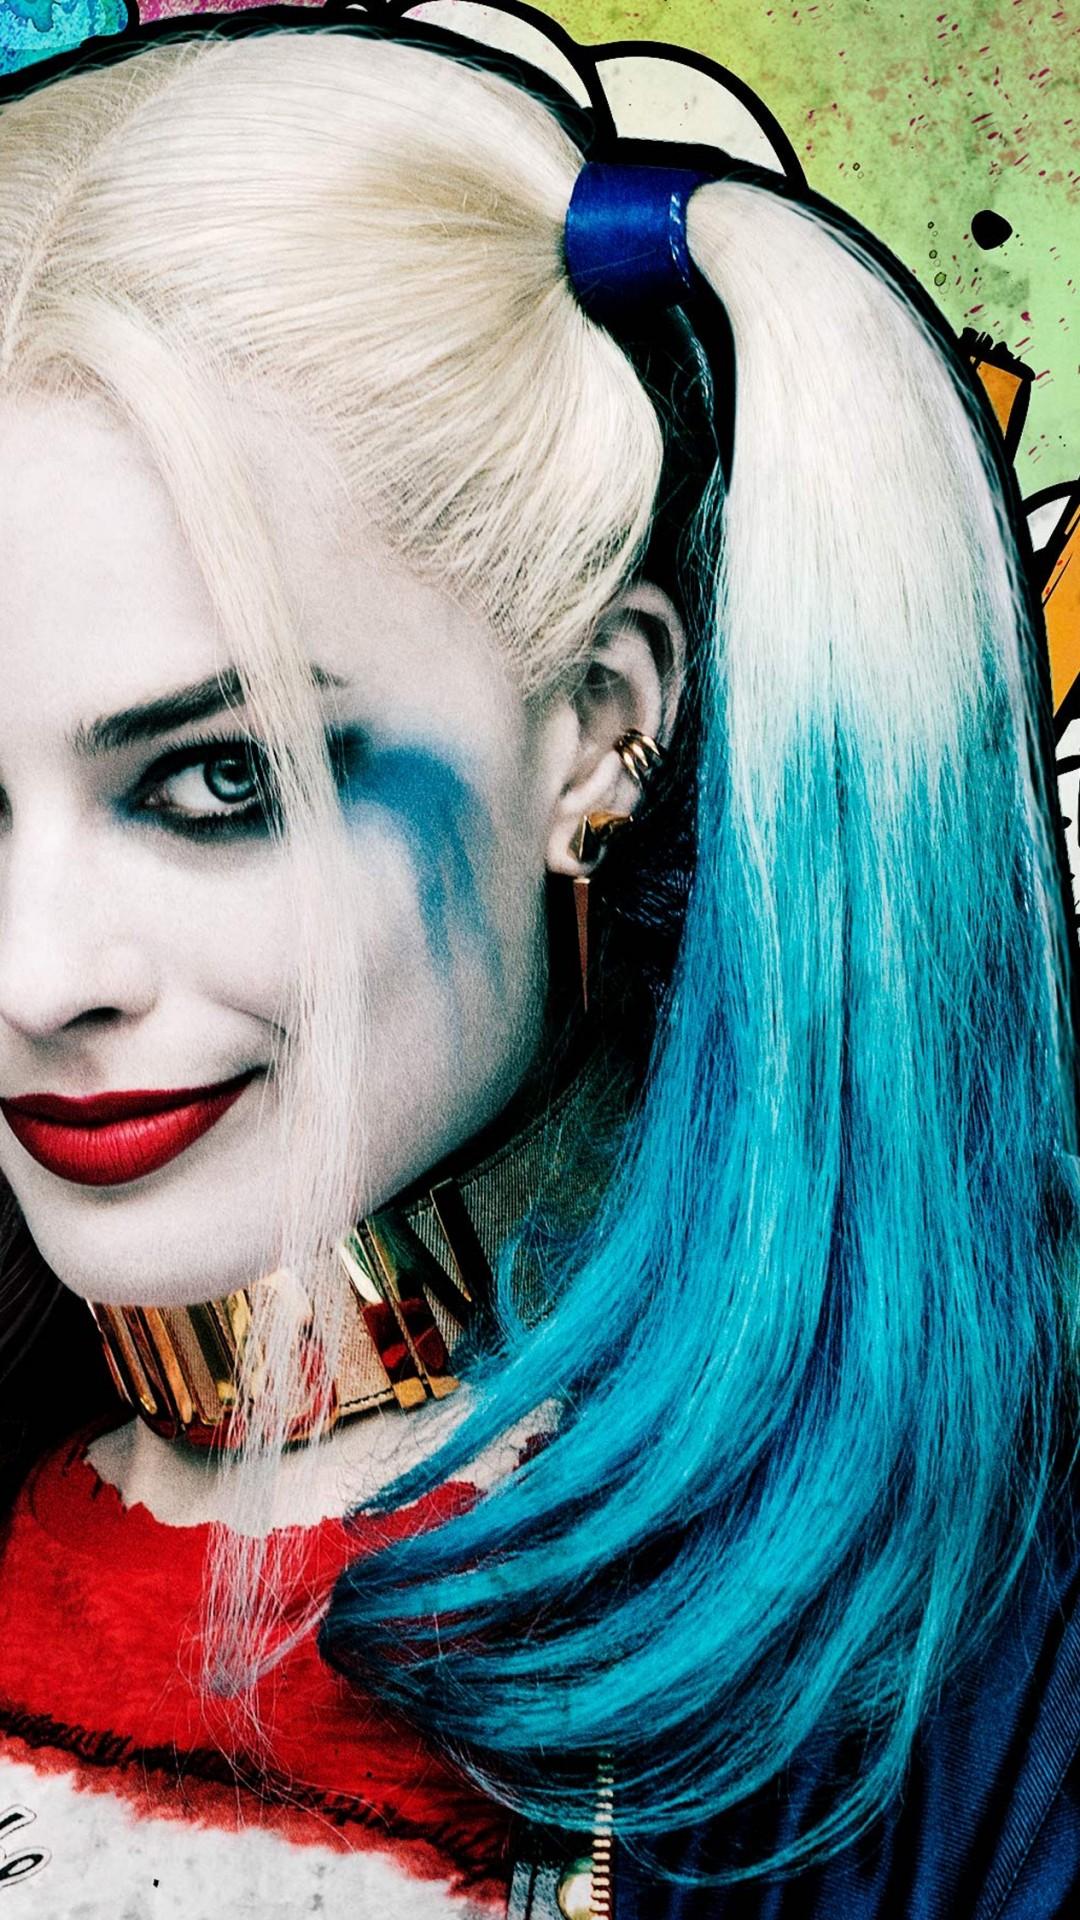 Wallpaper Harley quinn, Suicide Squad, Margot Robbie, Best